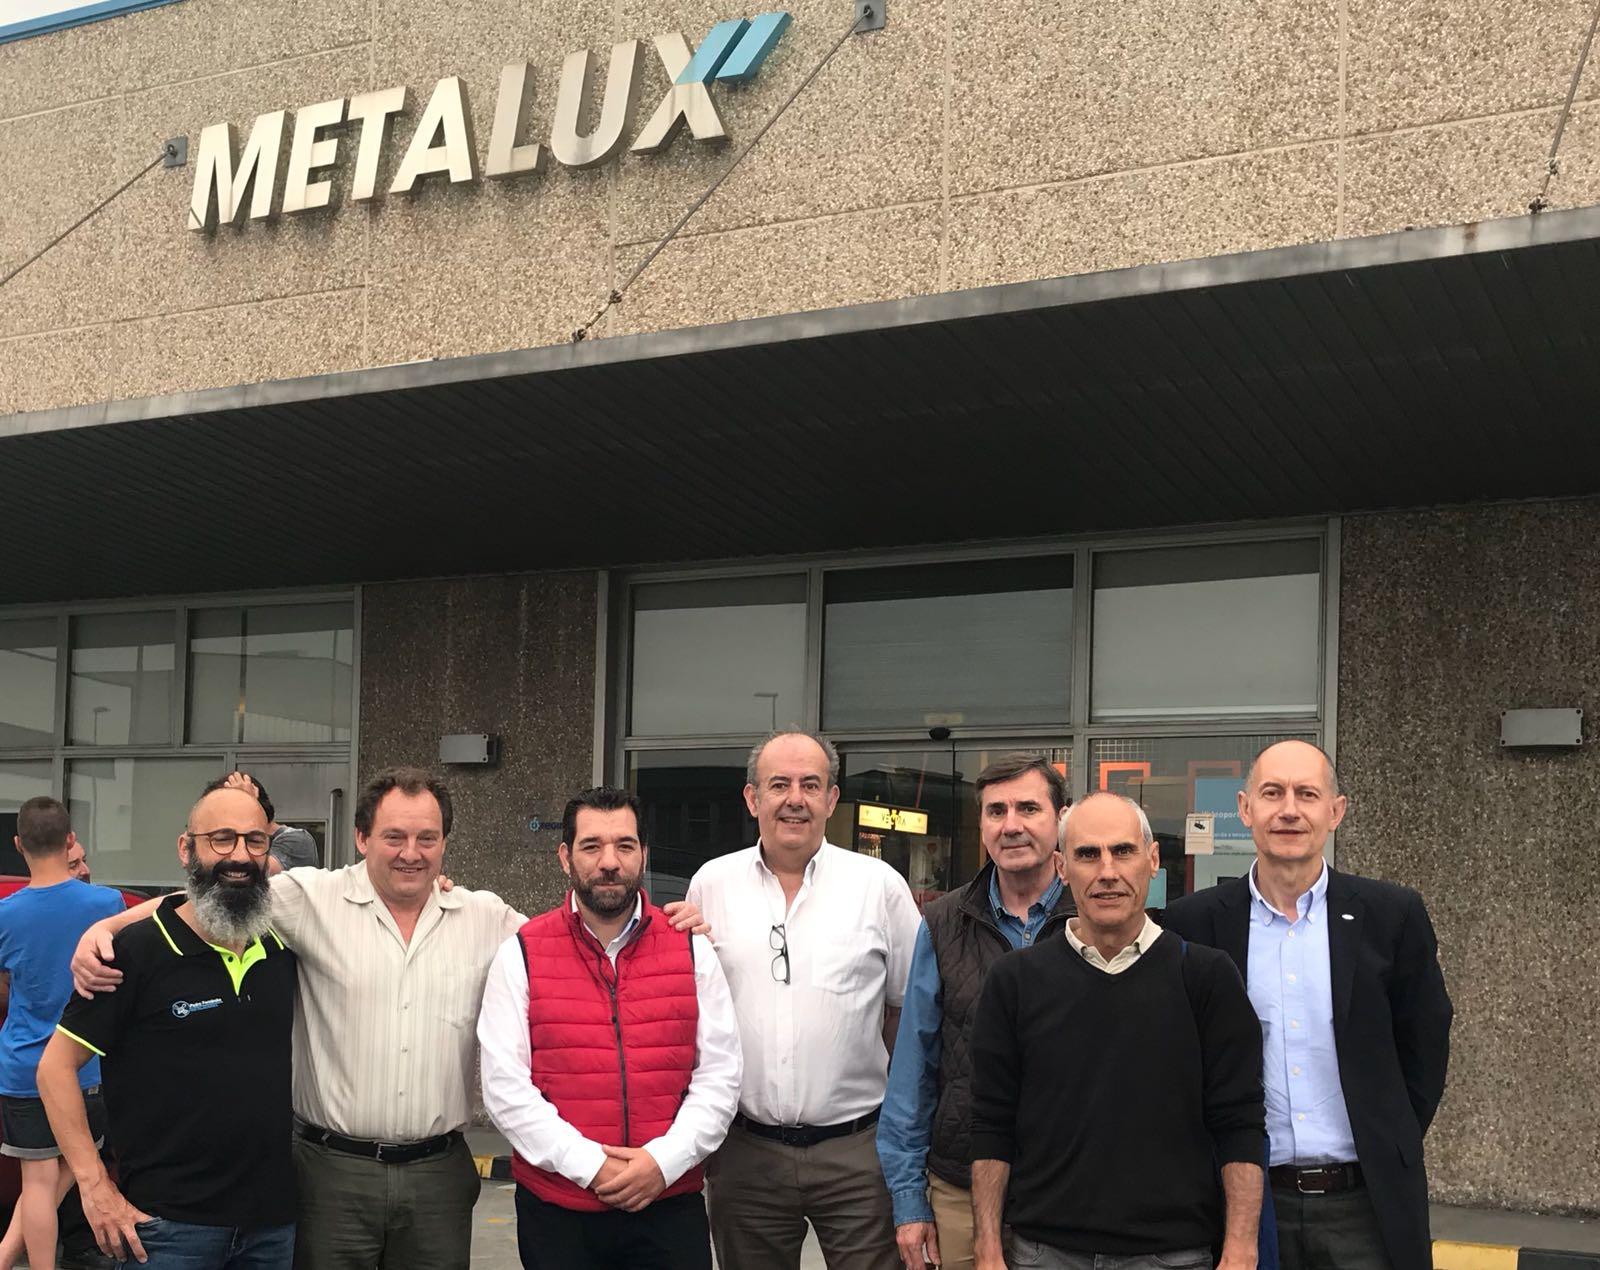 Curso de Formación sobre Fibra Óptica en METALUX Avilés 3 Numerosos asociados de Fenitel Asturias participaron la pasada semana en un curso de formación realizado por nuestra empresa colaboradora, METALUX, en sus